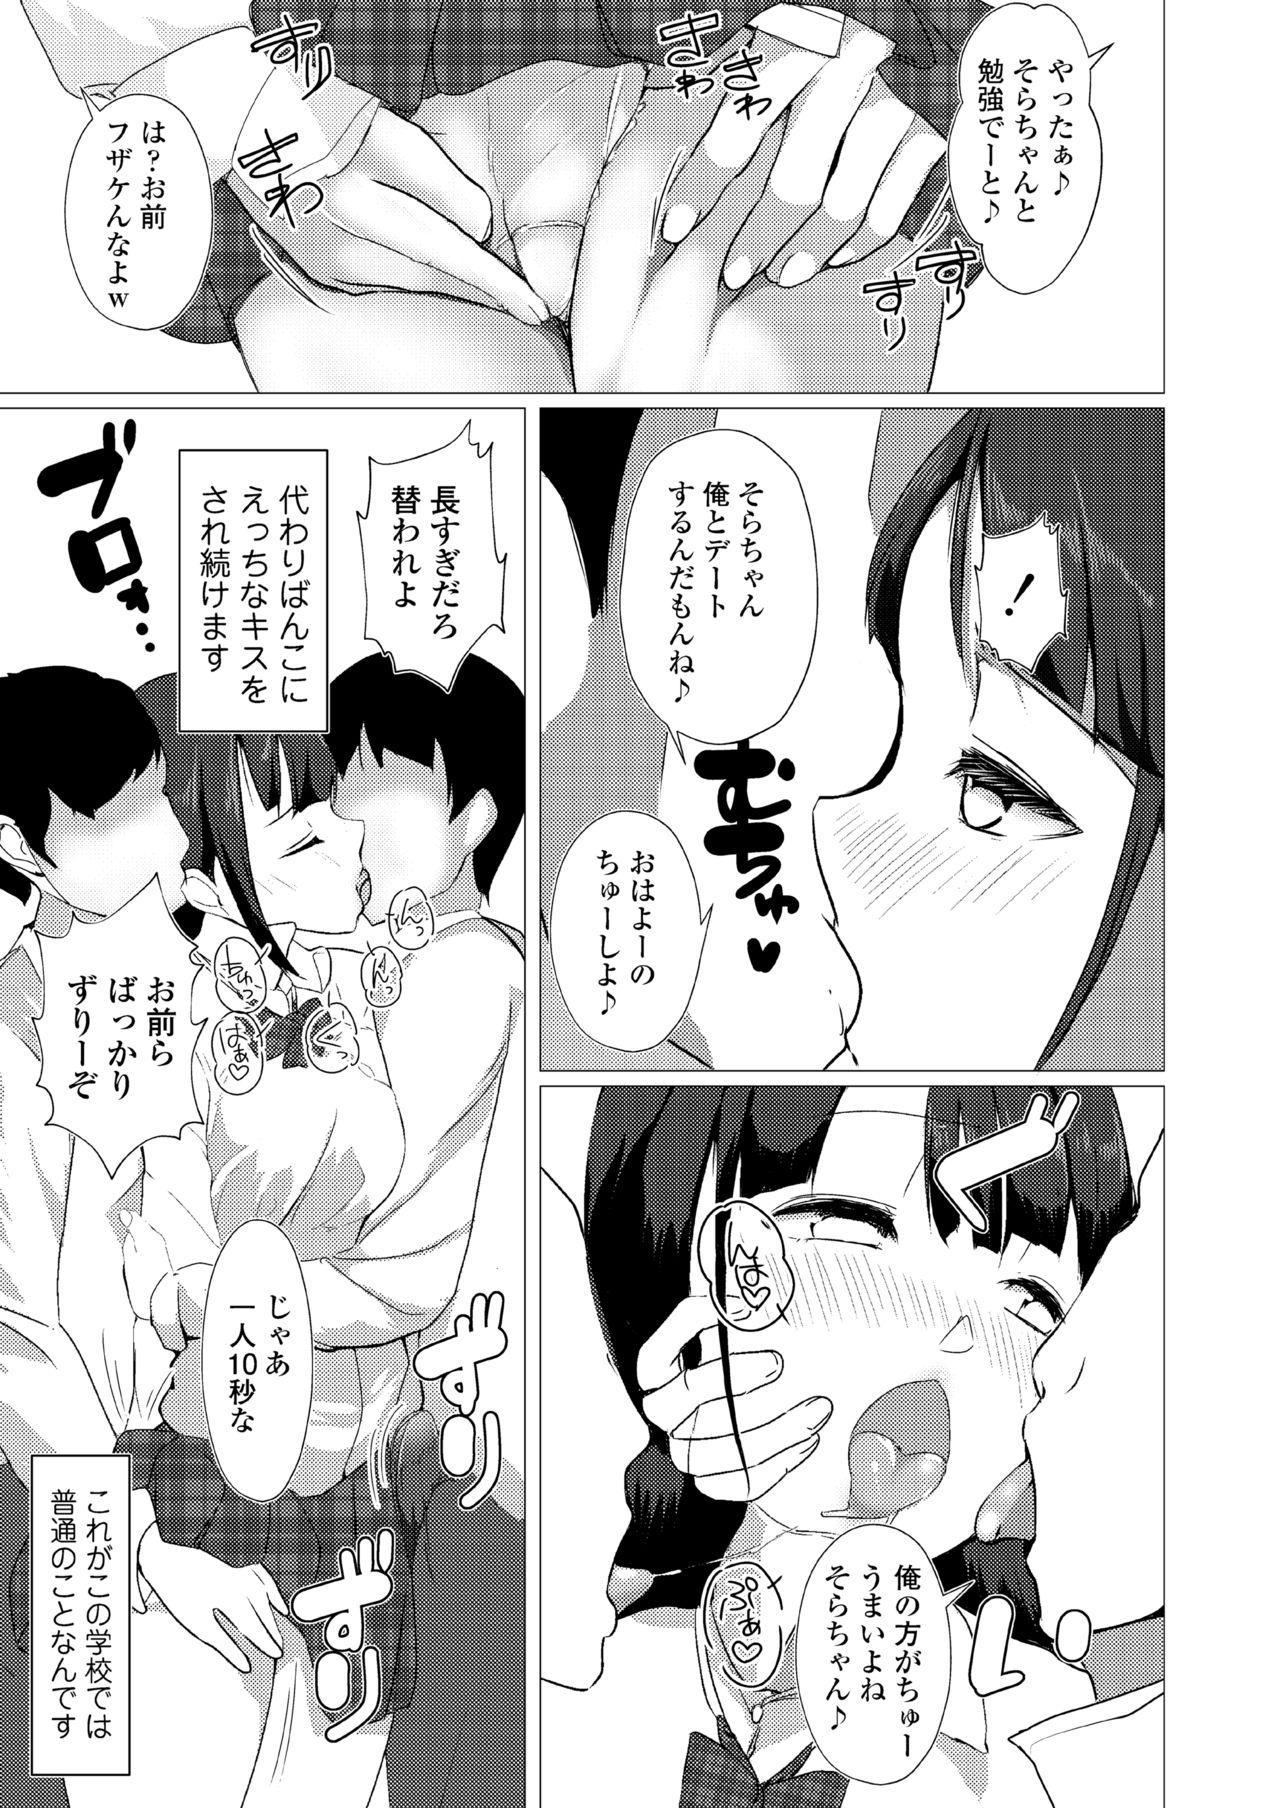 Kotowarenai Musume Ecchi na Karada de Oshiniyowai Seiyuu Shibou no Ko ga Free Sex Gakuen ni Nyuugaku Shichattara 4